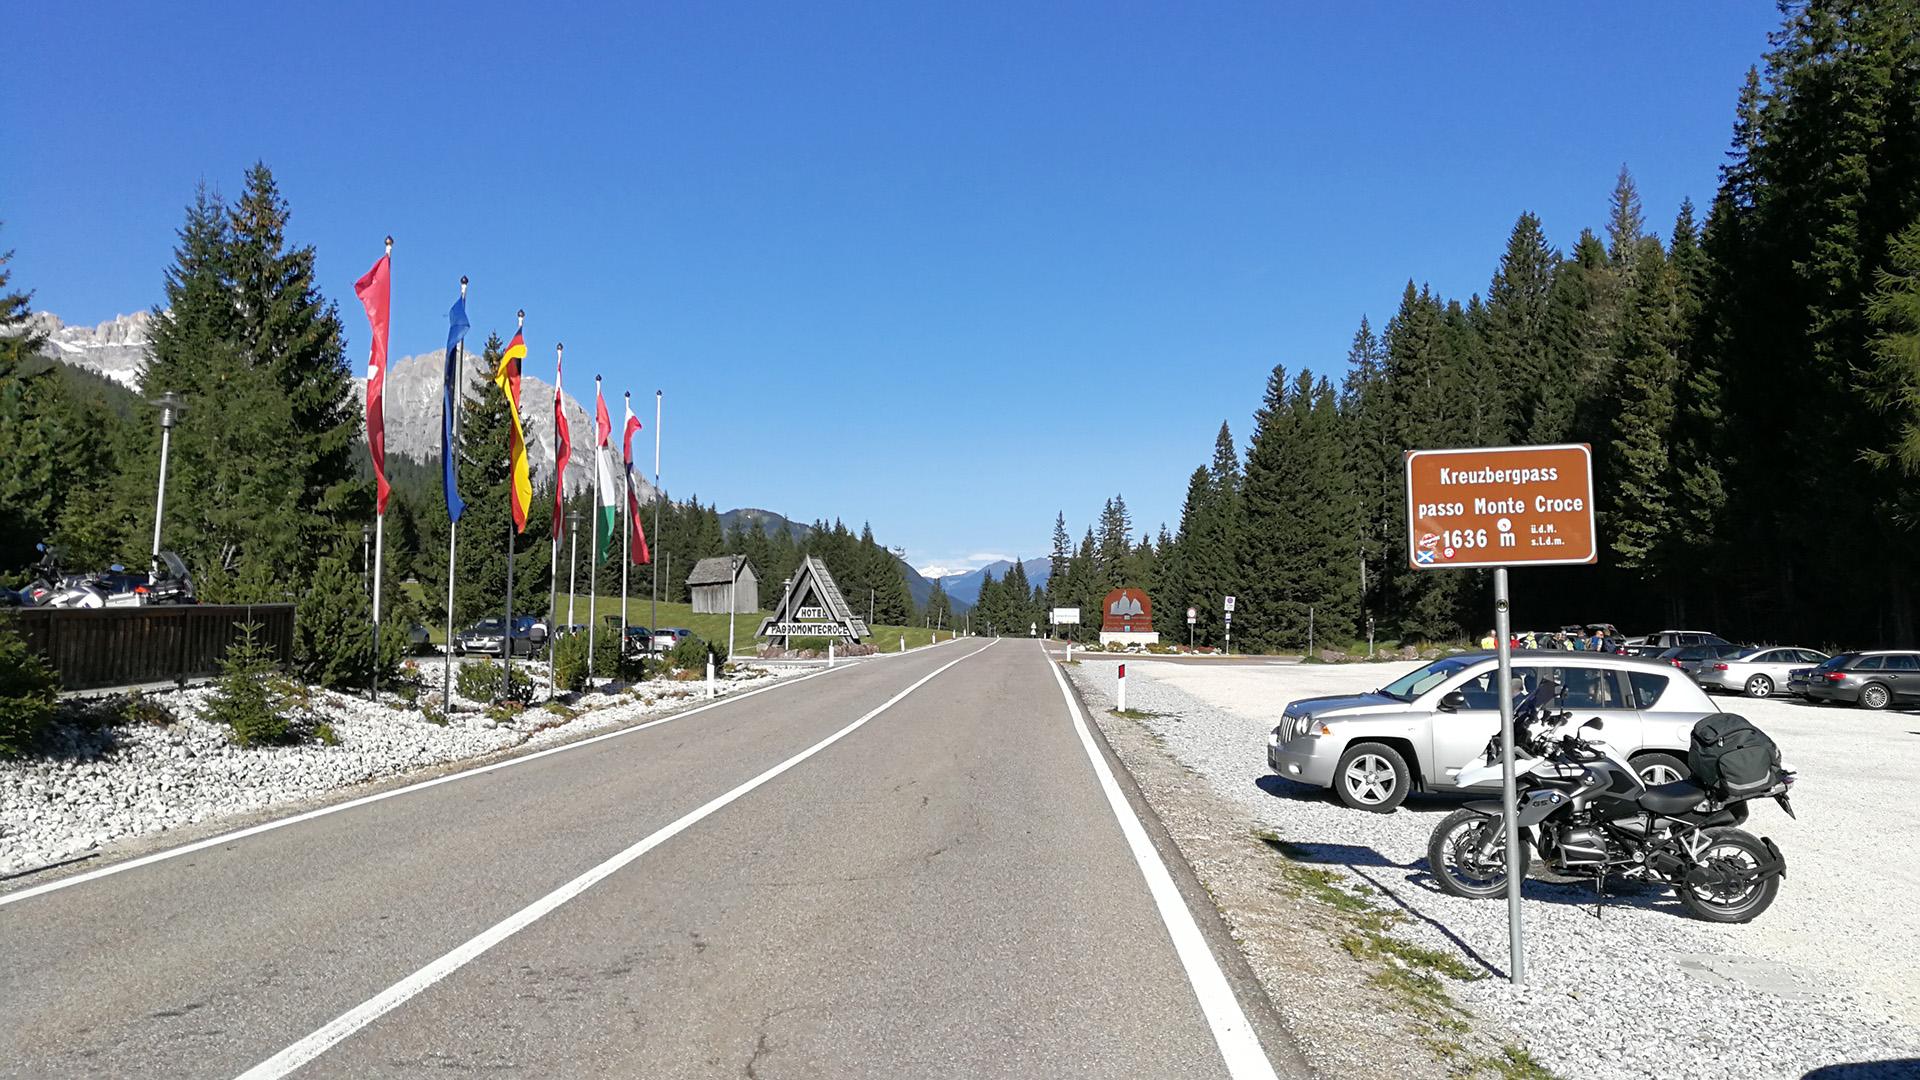 1636 - I - Passo Monte Croce di Comelico (Kreuzbergpass)